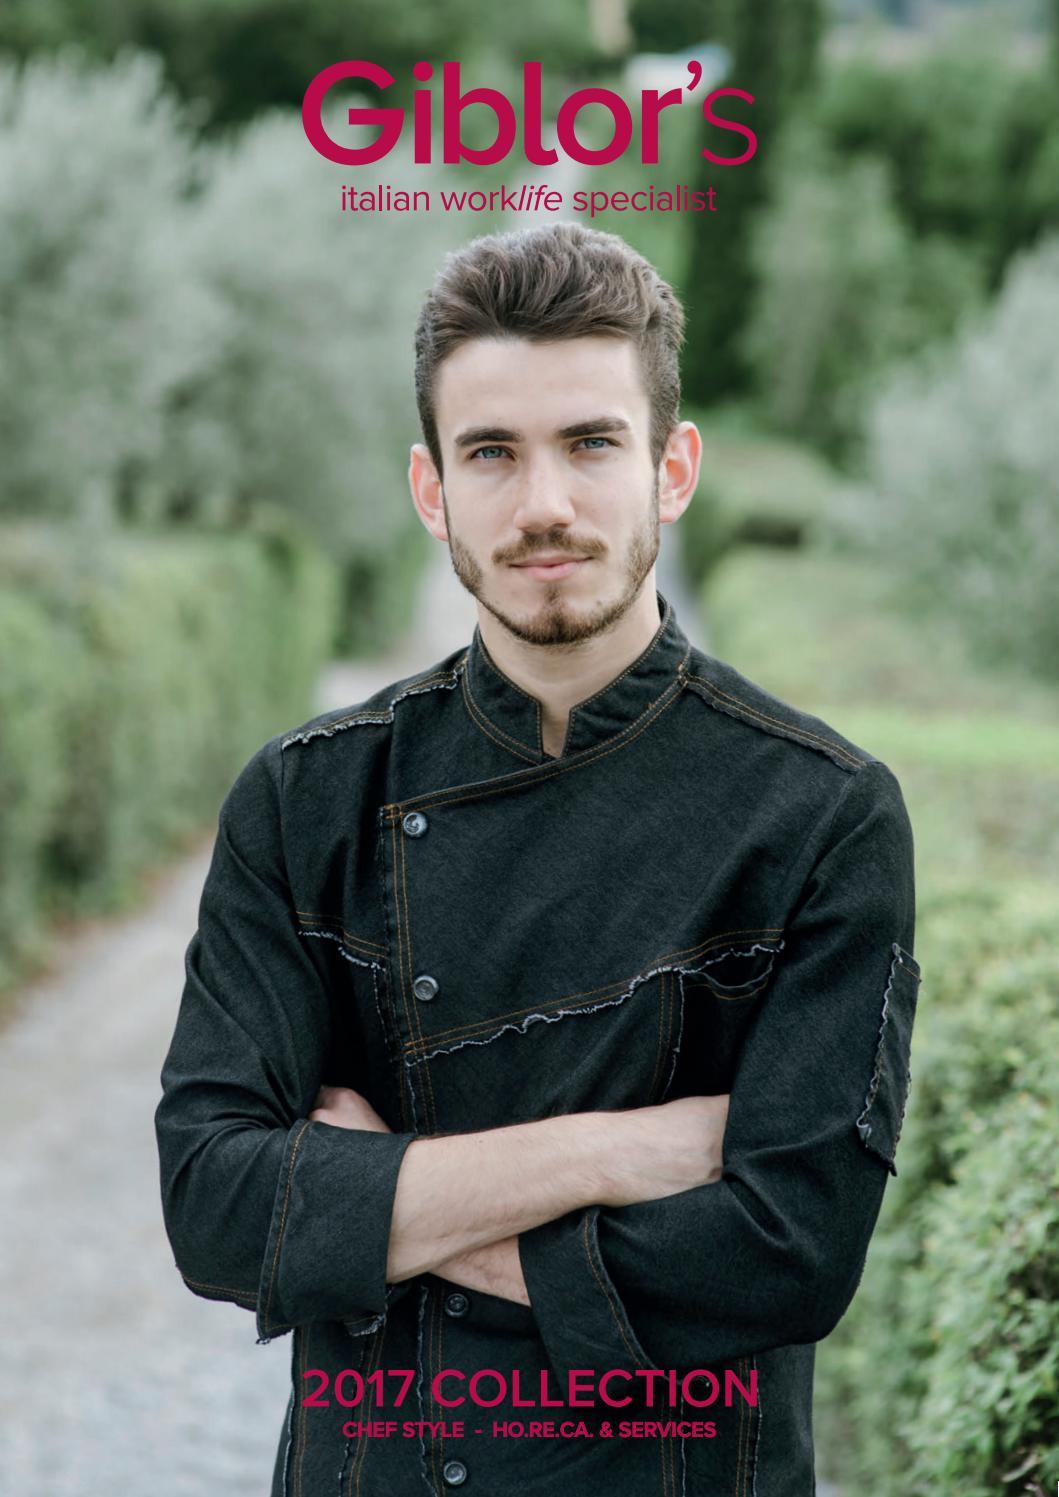 CAPPELLO per Cucinare Da Chef CUOCO Classico Taglia Unica BIANCO con Strap TG U